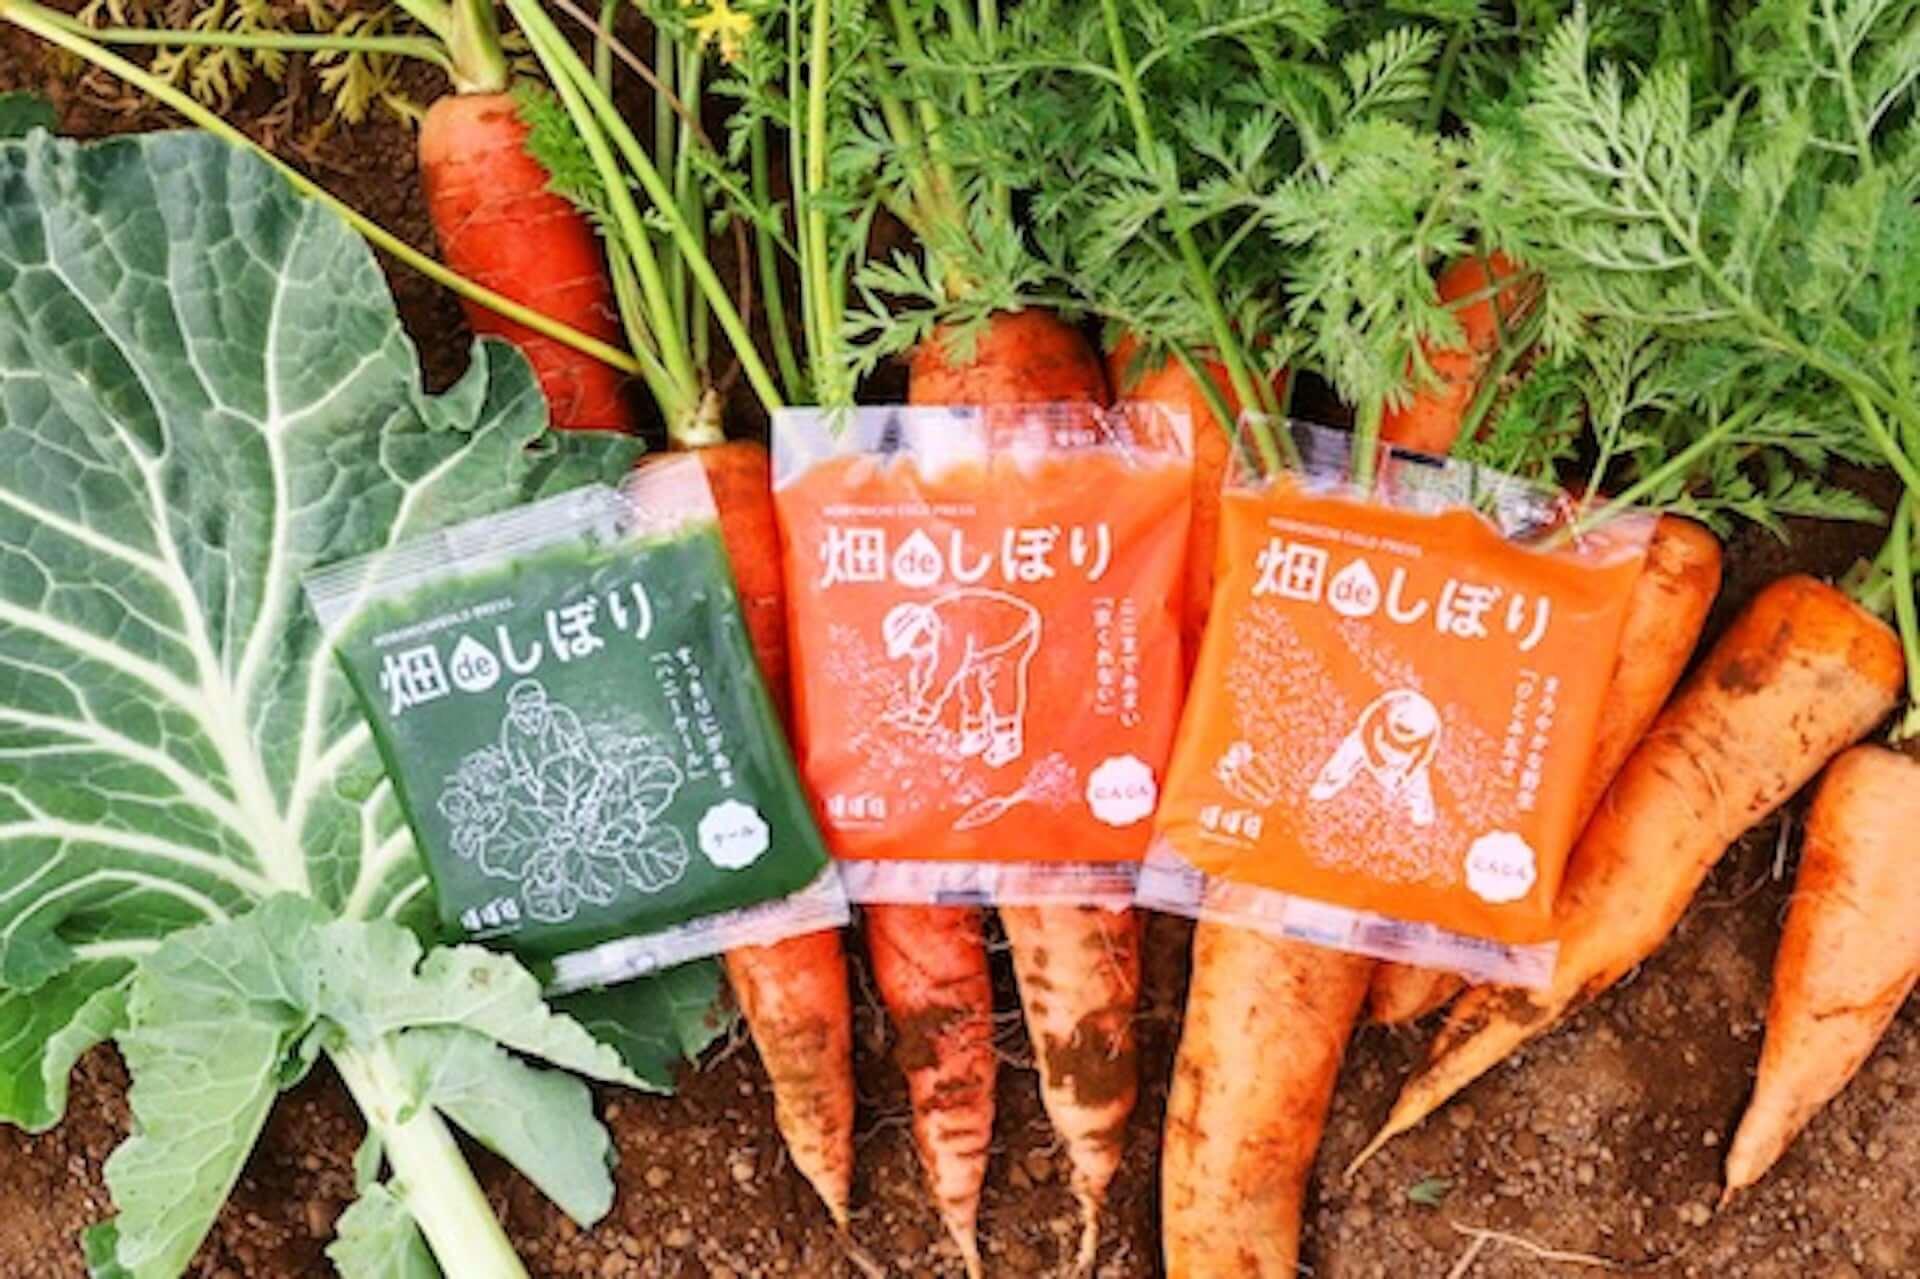 ほぼ日が初のフレッシュジュース『畑deしぼり』を発売決定!渋谷PARCOにて開催中の<ほぼ日のおやつ展。>でも先行販売 gourmet210118_hobonichiyobi_2-1920x1279